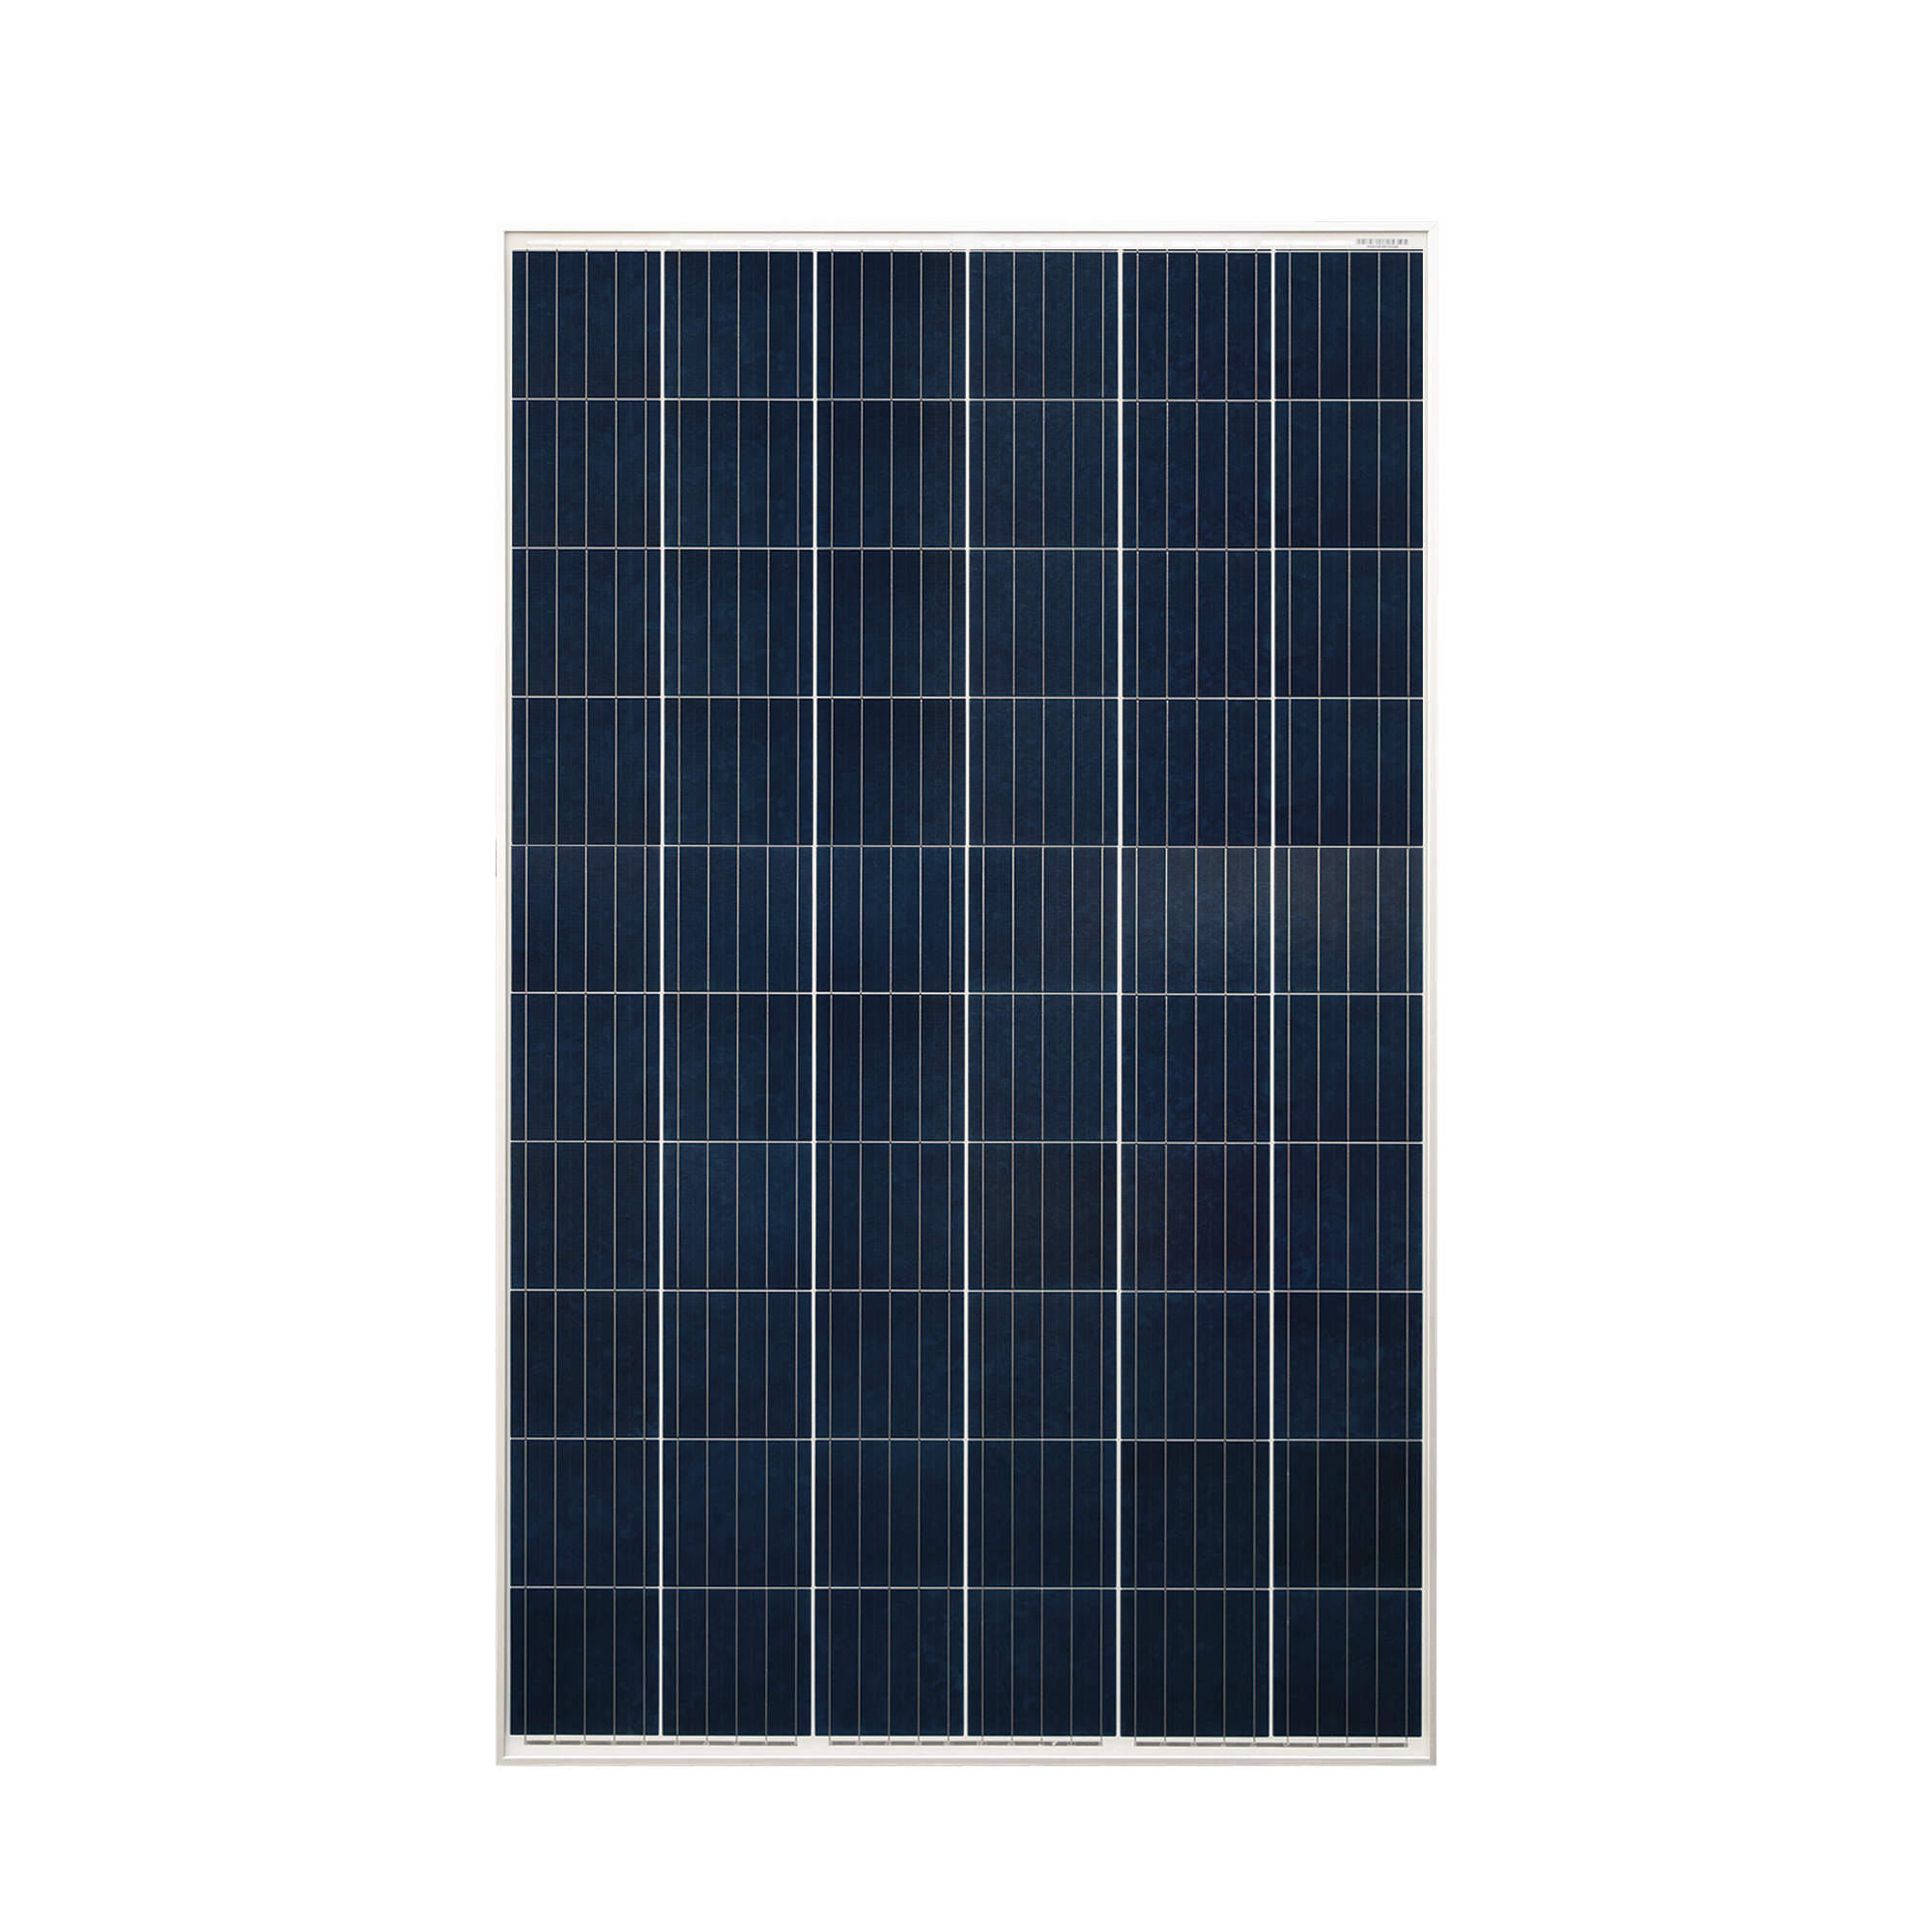 Modulo Fotovoltaico Policristalino 260 W 24 Vcd